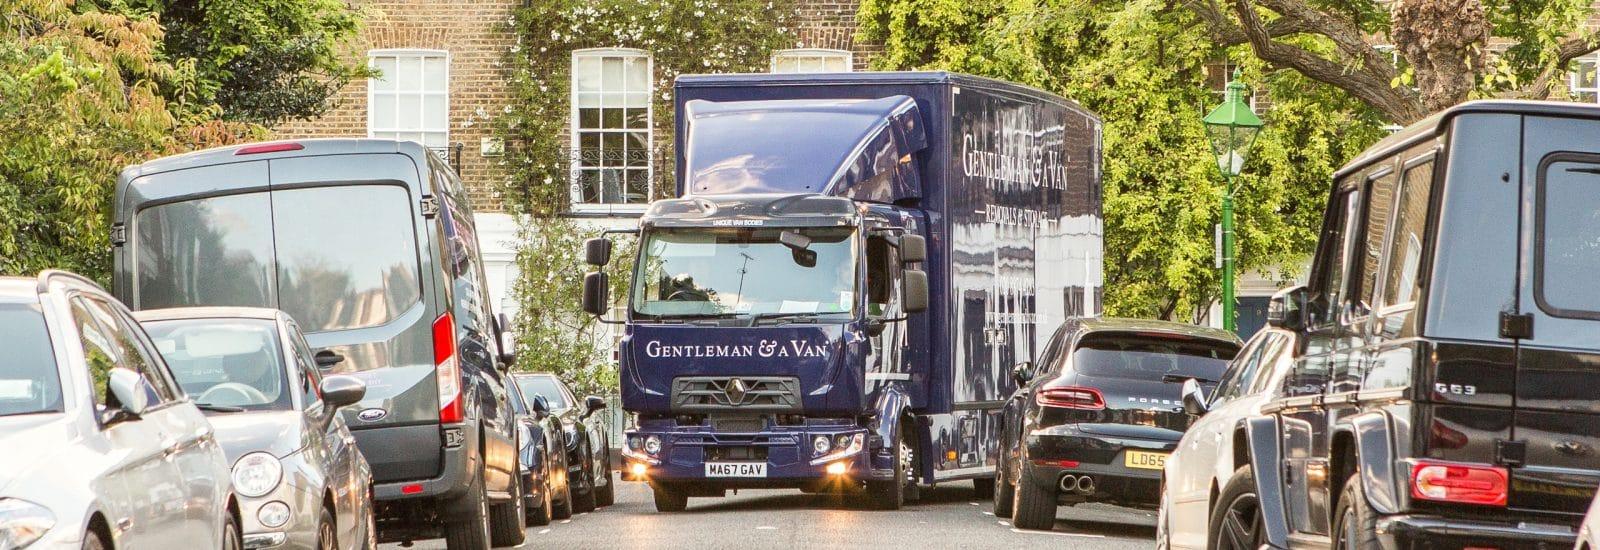 Gentleman and a van lorry – move in London with Gentleman & A Van width=